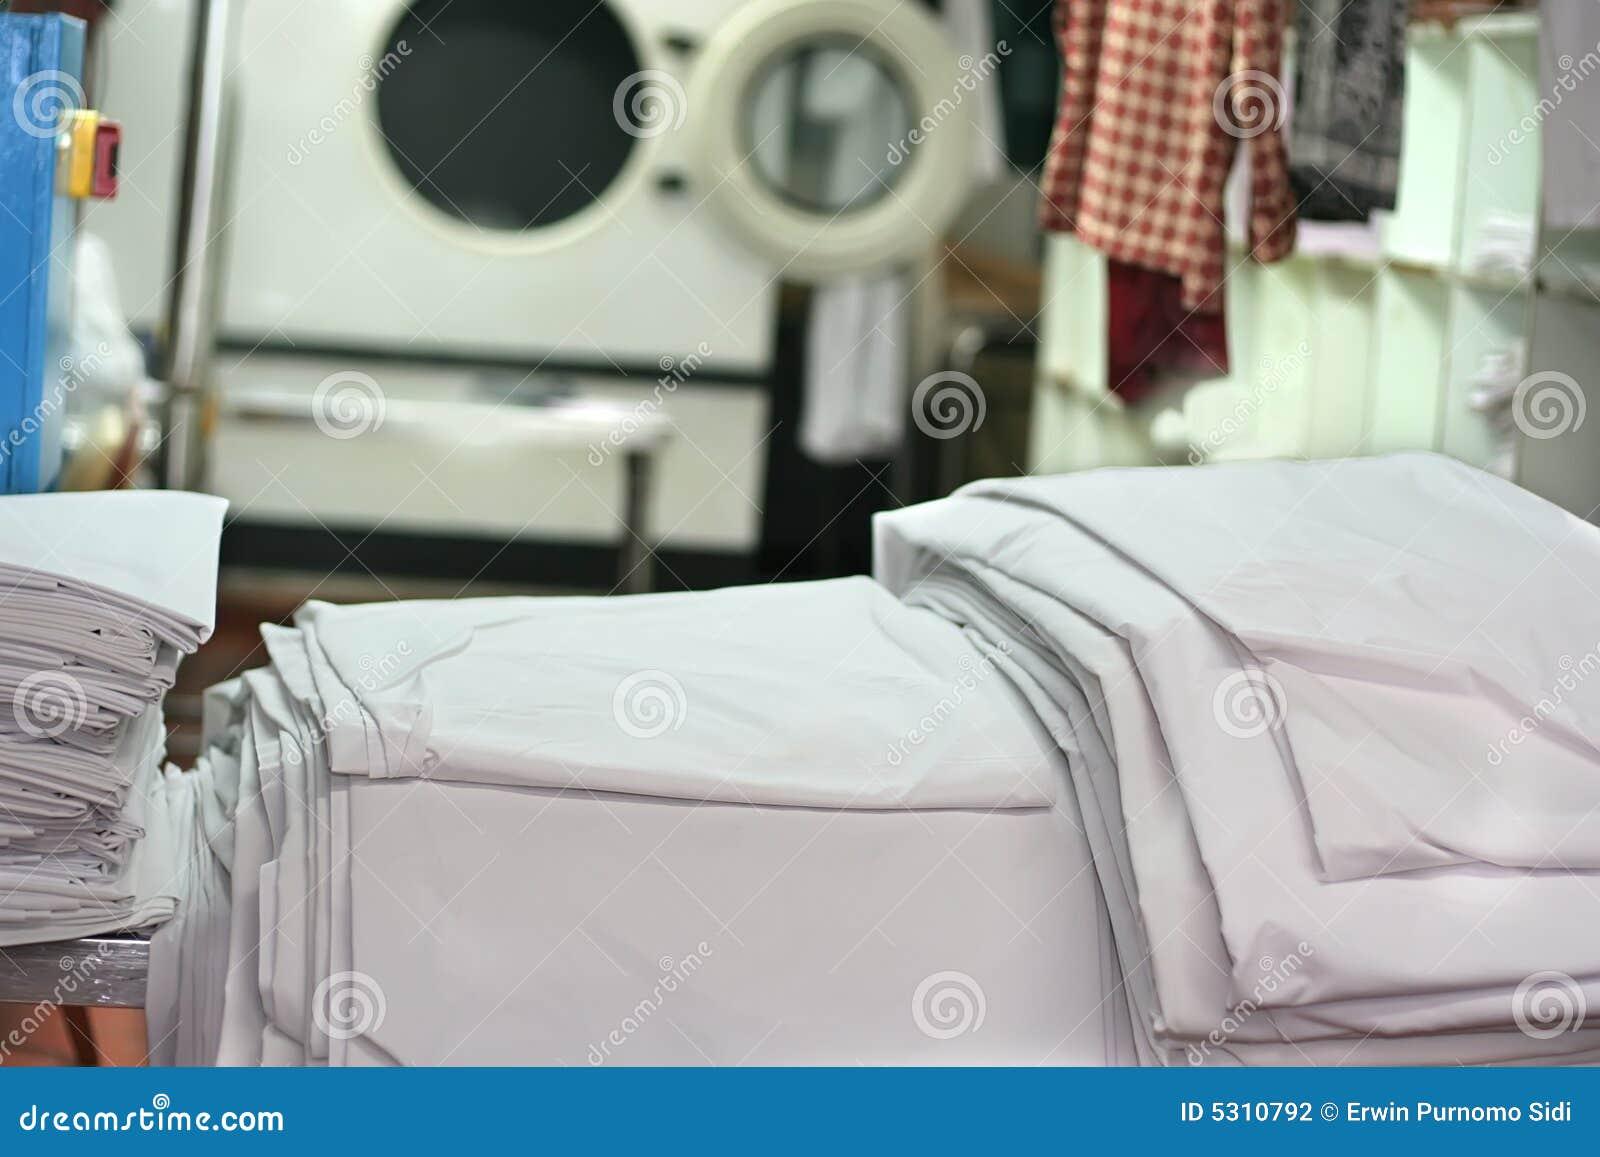 Download Industria della lavanderia fotografia stock. Immagine di tele - 5310792